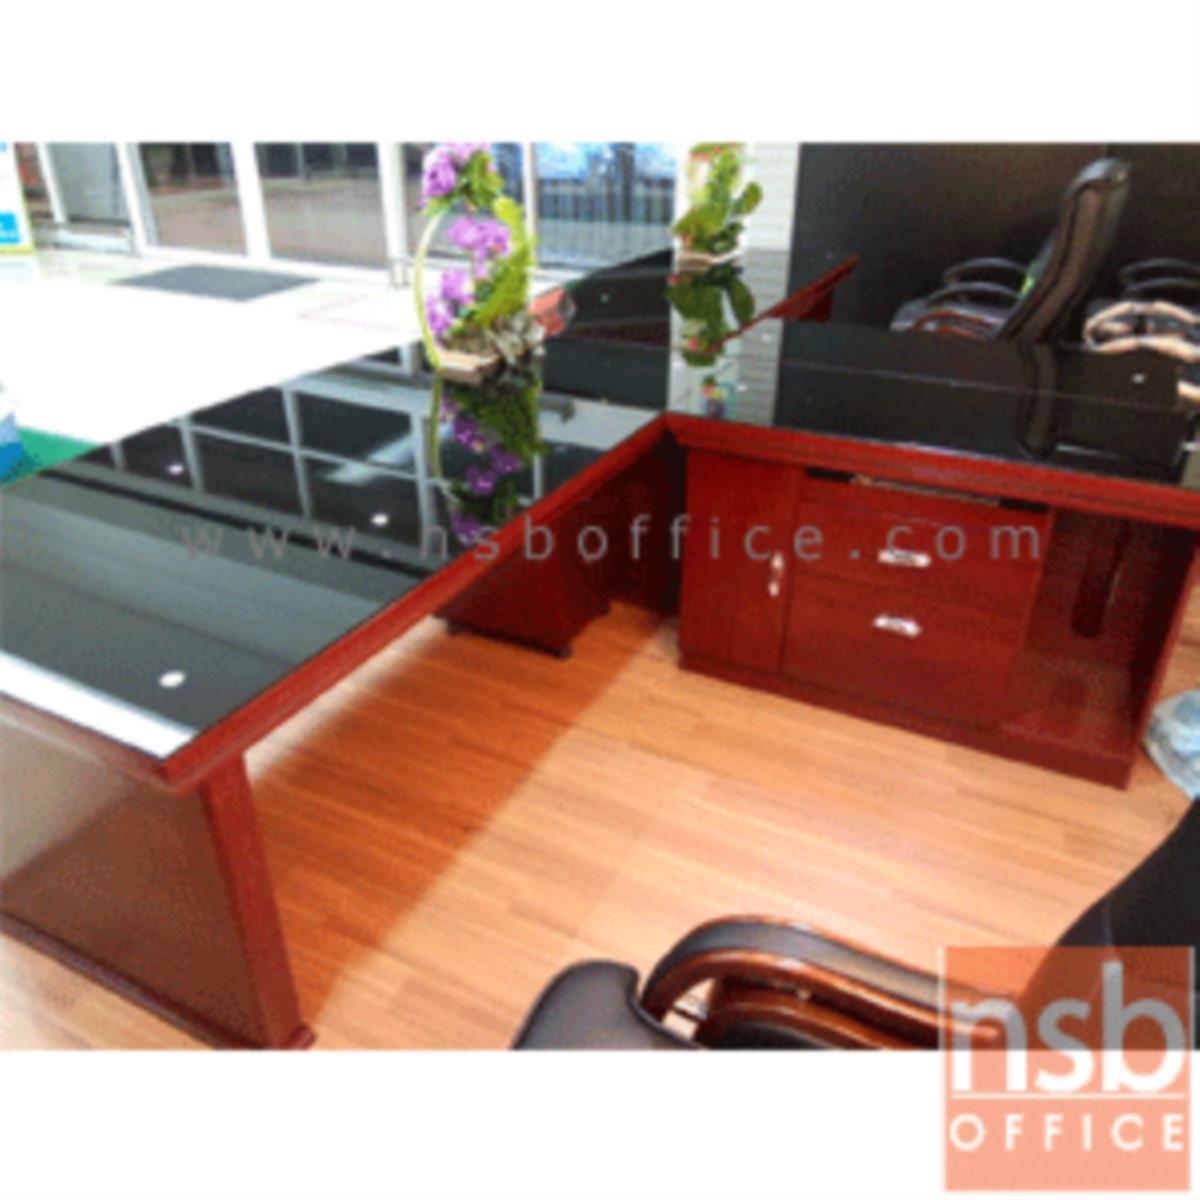 โต๊ะบริหารตัวแอลหน้ากระจก  รุ่น Murphy (เมอร์ฟี) ขนาด 200W cm. พร้อมตู้ข้างและตู้ลิ้นชัก